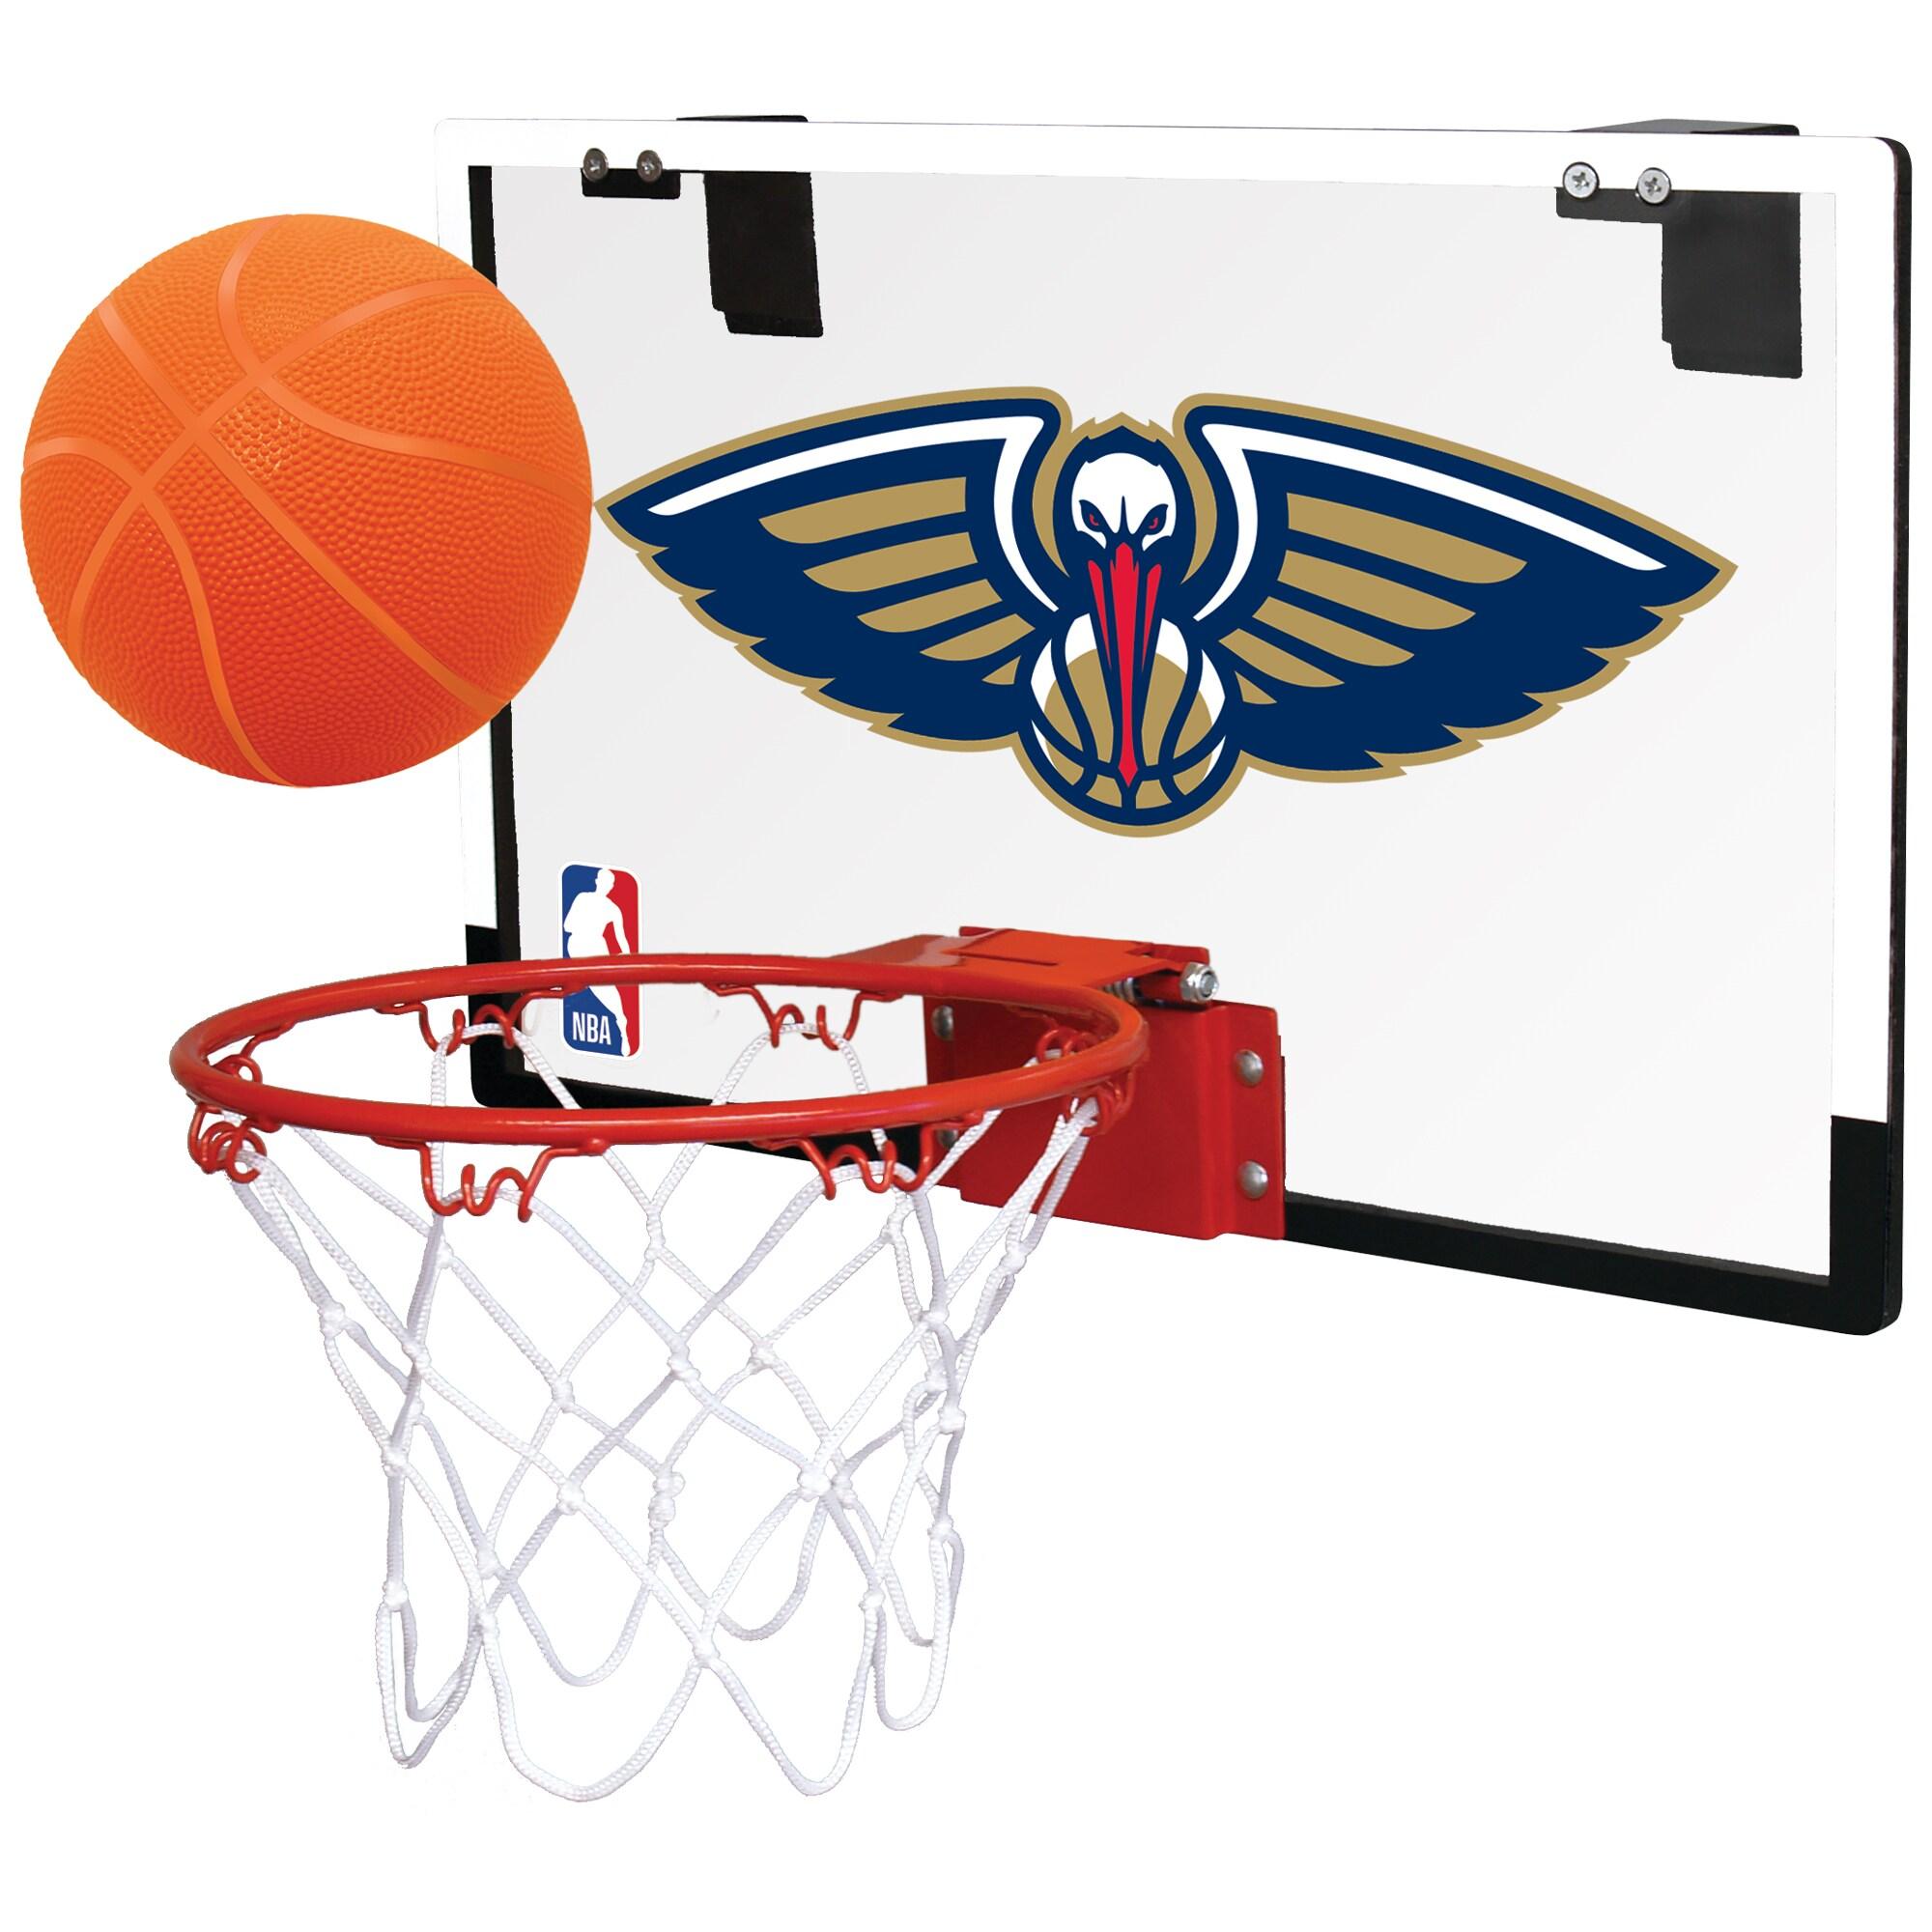 New Orleans Pelicans Rawlings NBA Polycarbonate Hoop Set